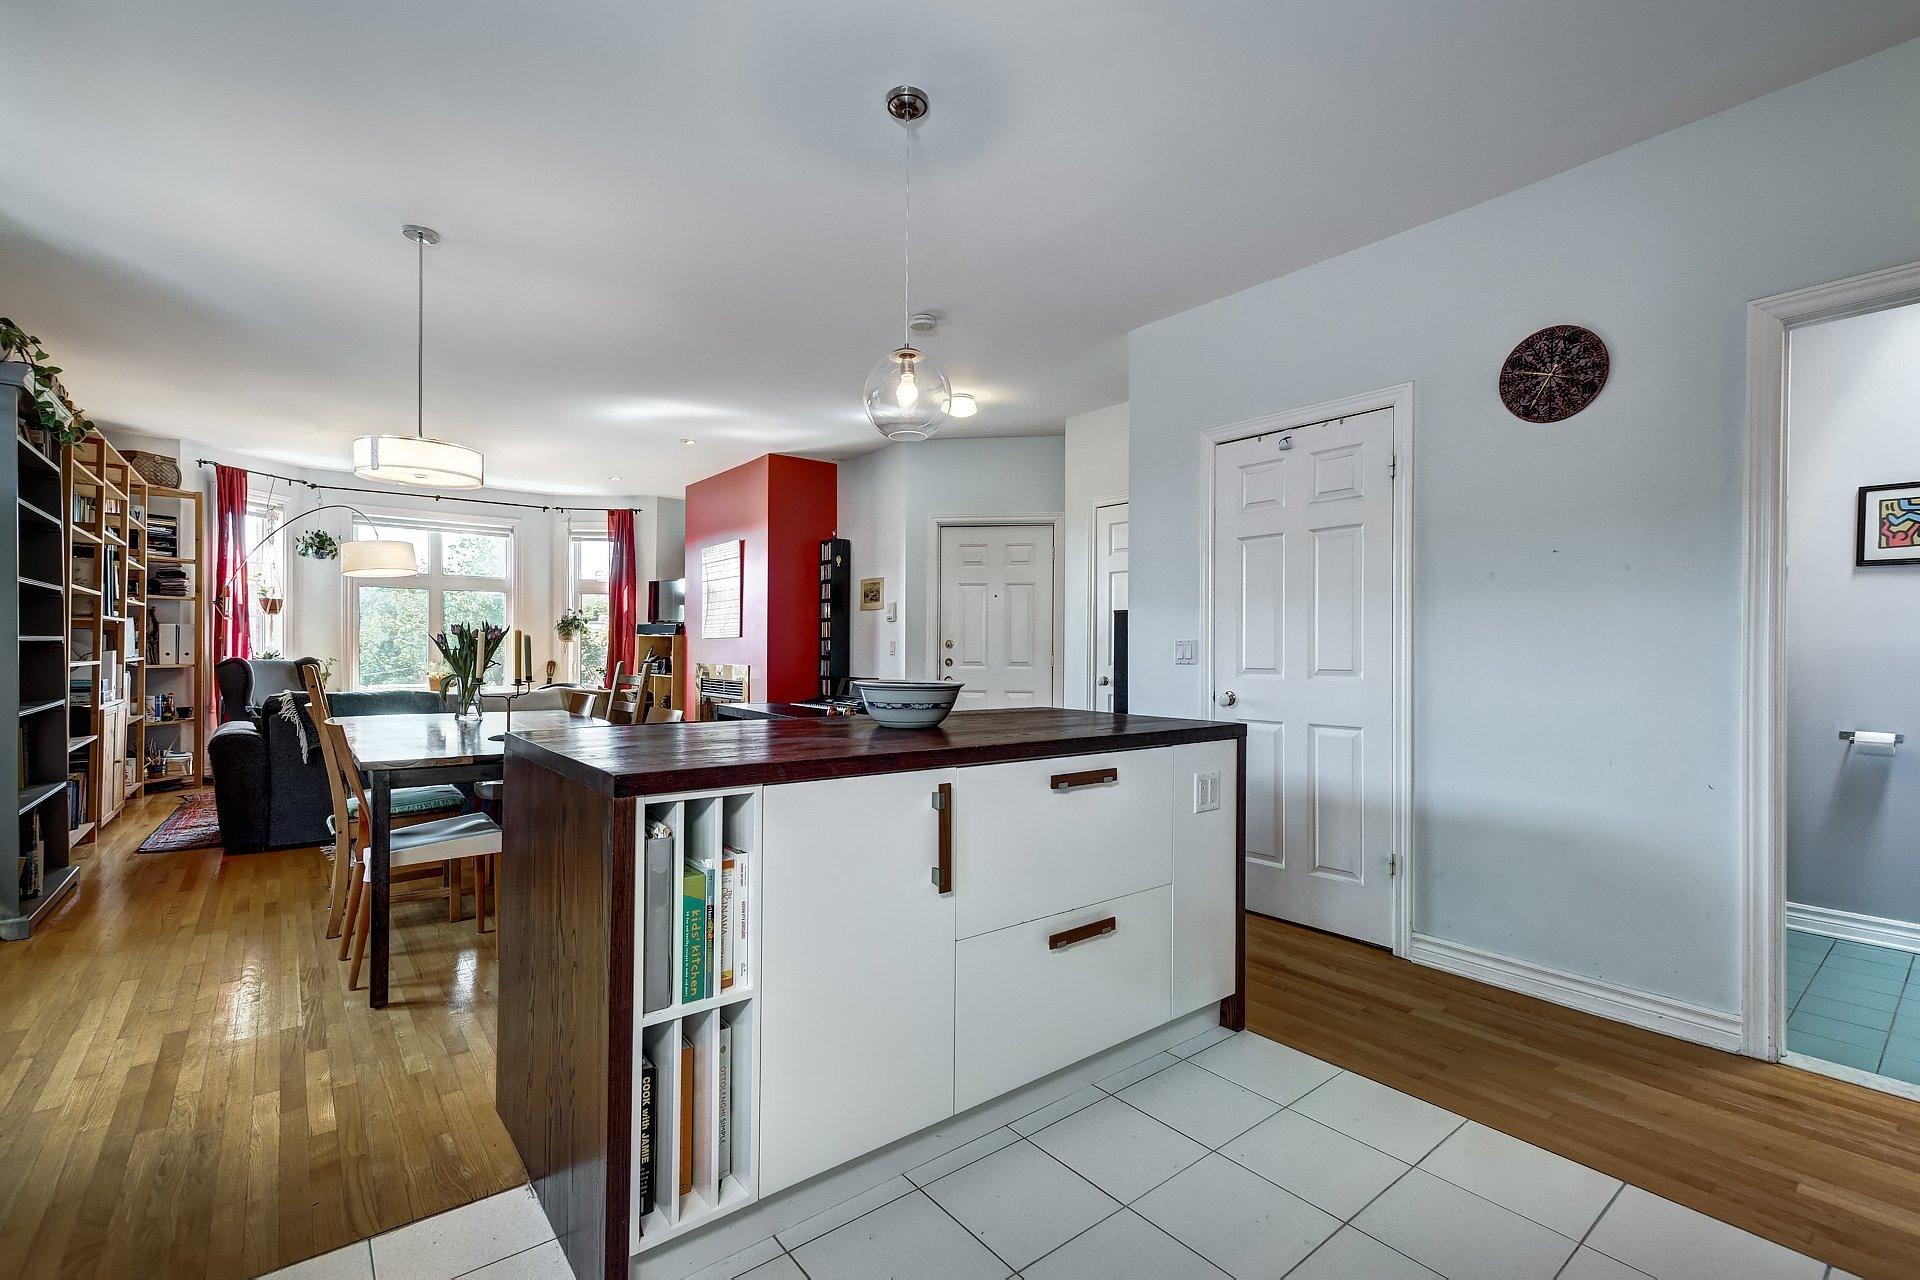 image 7 - Apartment For sale Outremont Montréal  - 6 rooms